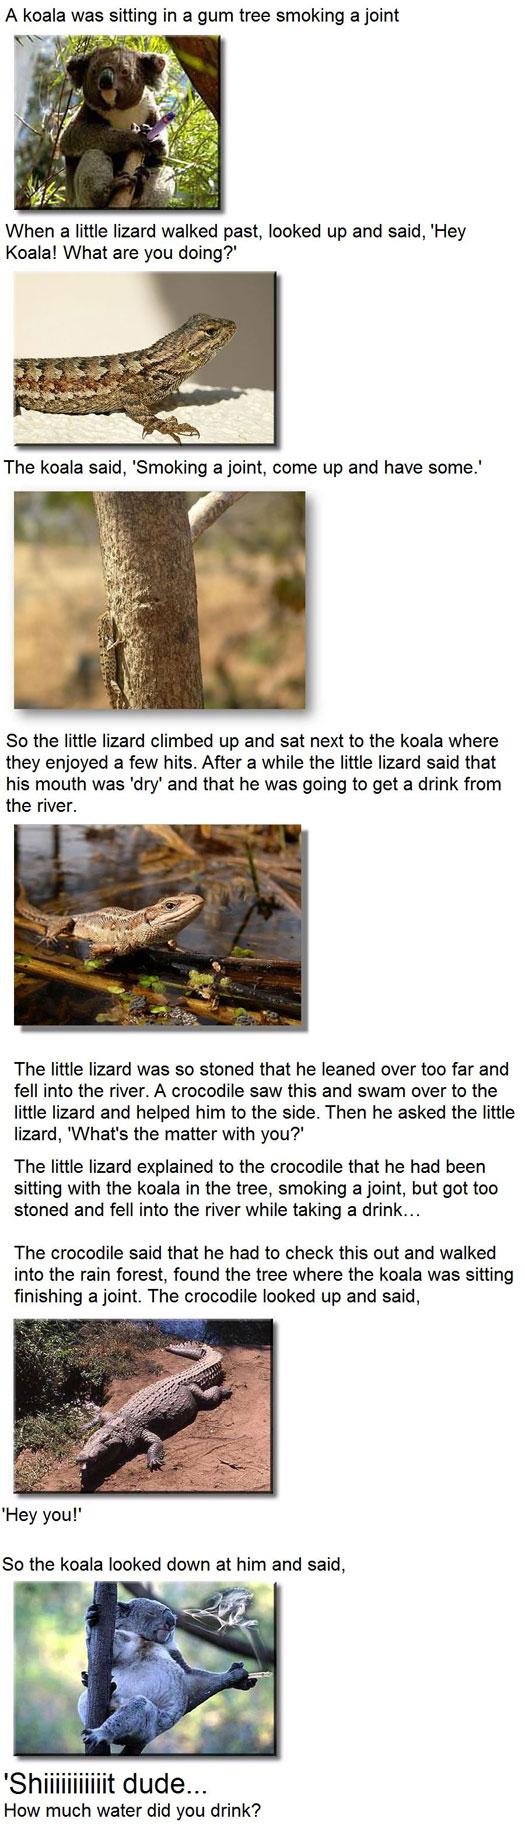 A koala is sitting up a gum tree smoking a joint when a little lizard walks past